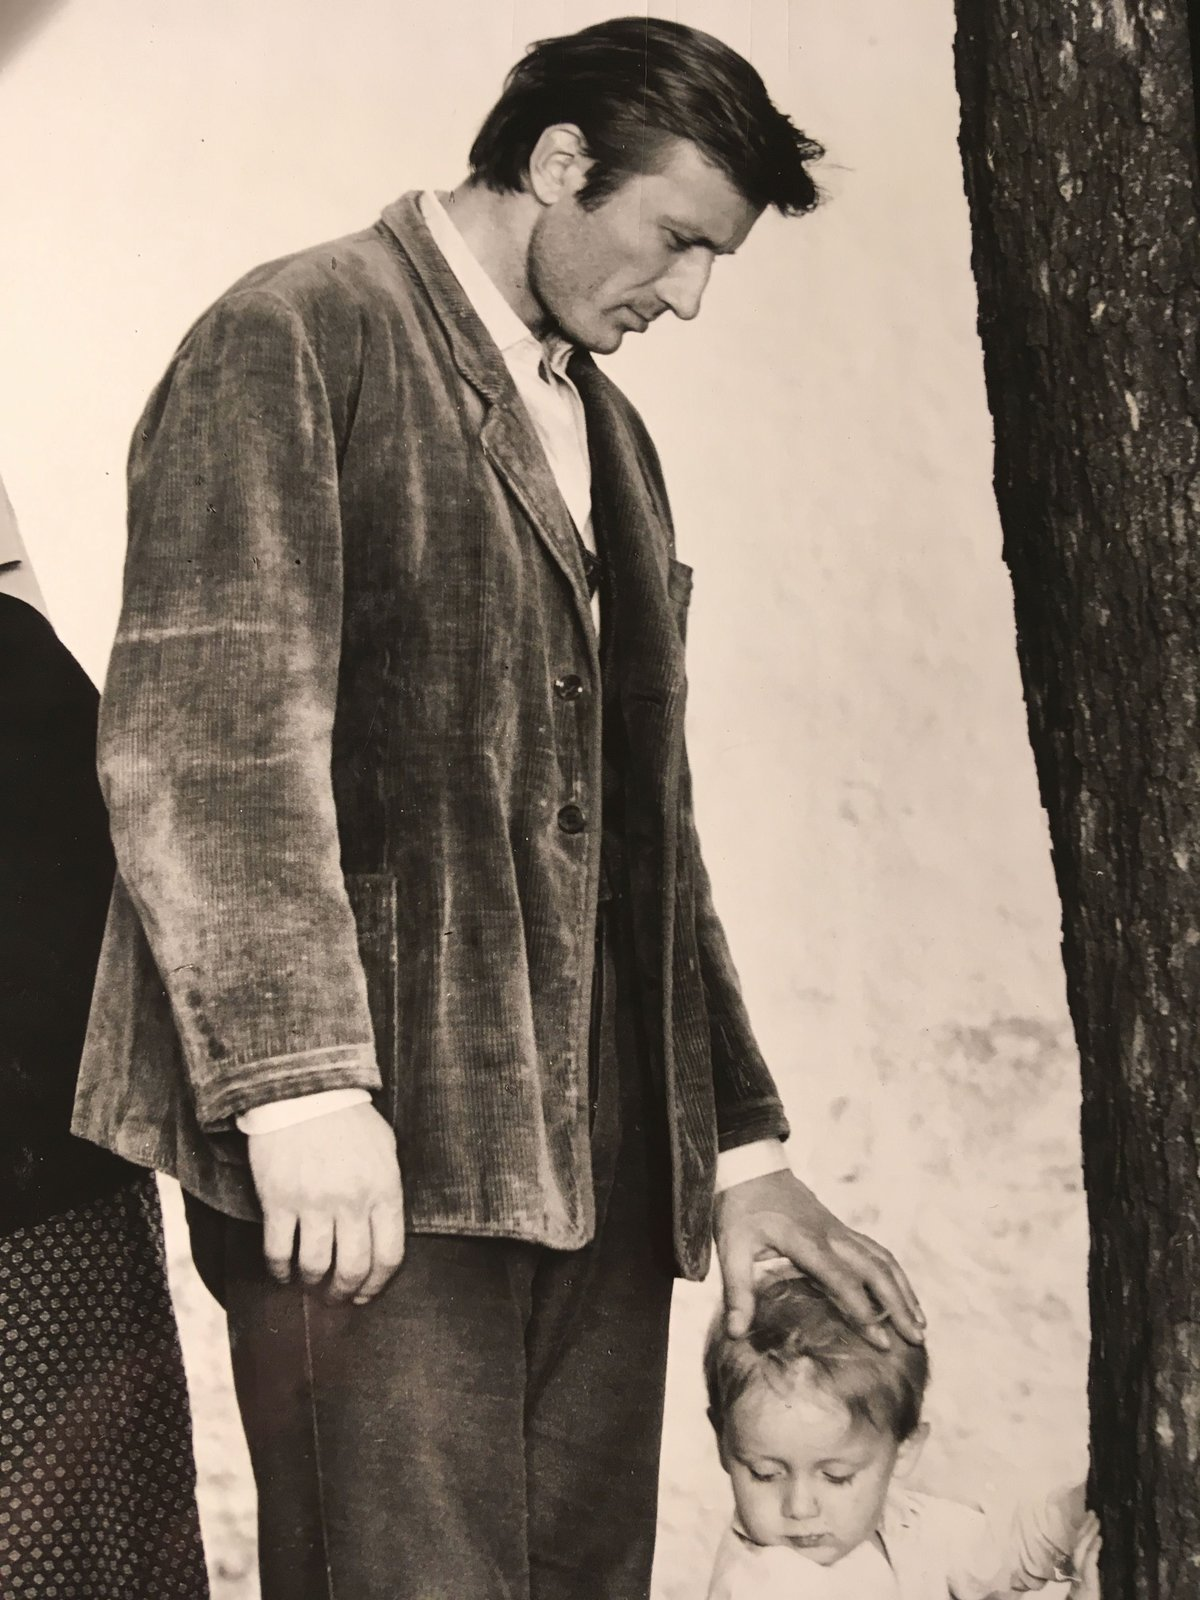 Předlohou hlavní role Radka Brzobohatého byly osudy sedláka Františka Slimáčka z Kelče.